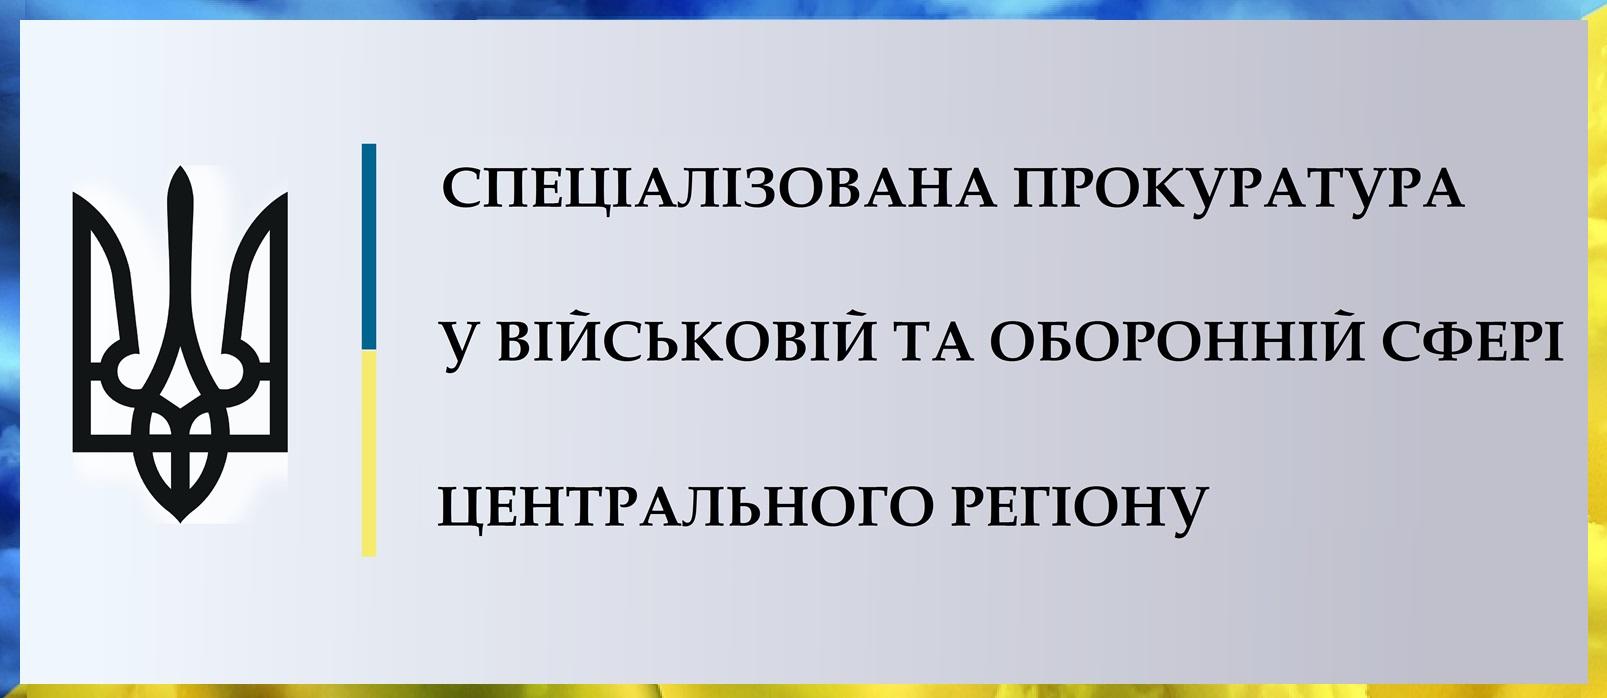 Нестатутні відносини призвели до смерті солдата - смерть, Національна гвардія України - SPETSPROK